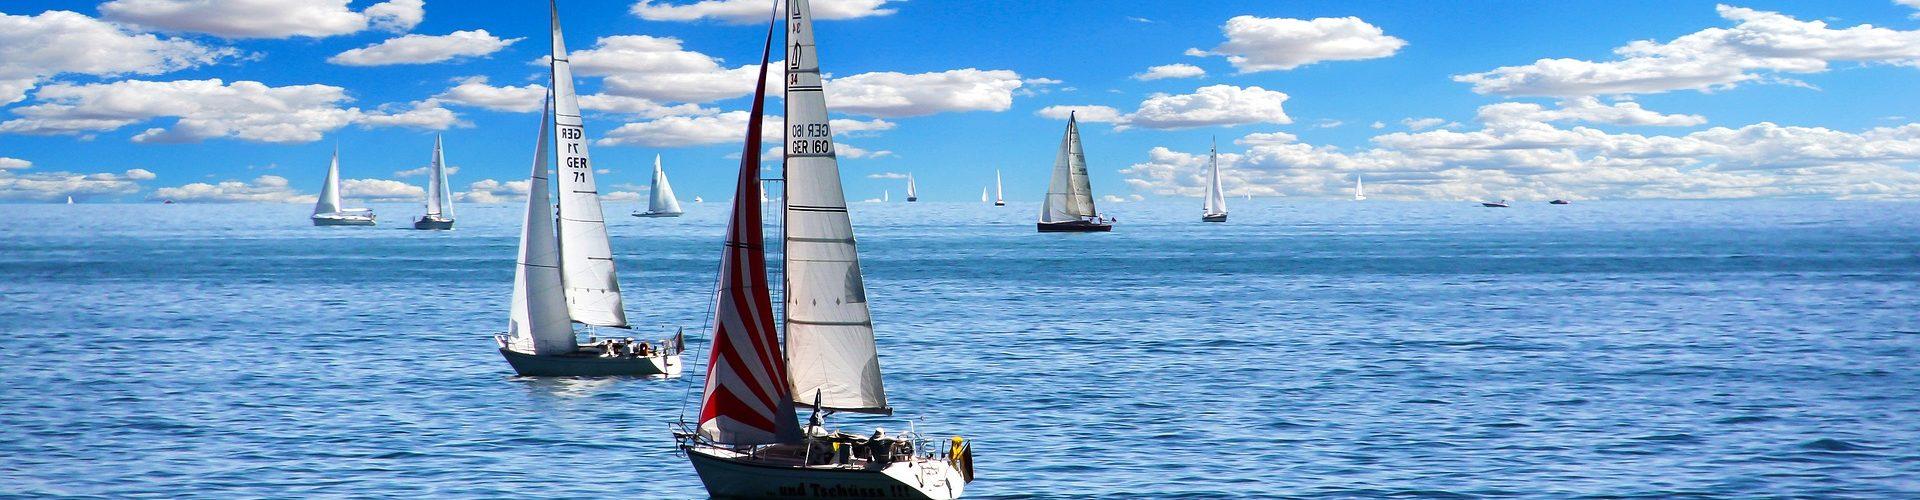 segeln lernen in Bindow segelschein machen in Bindow 1920x500 - Segeln lernen in Bindow